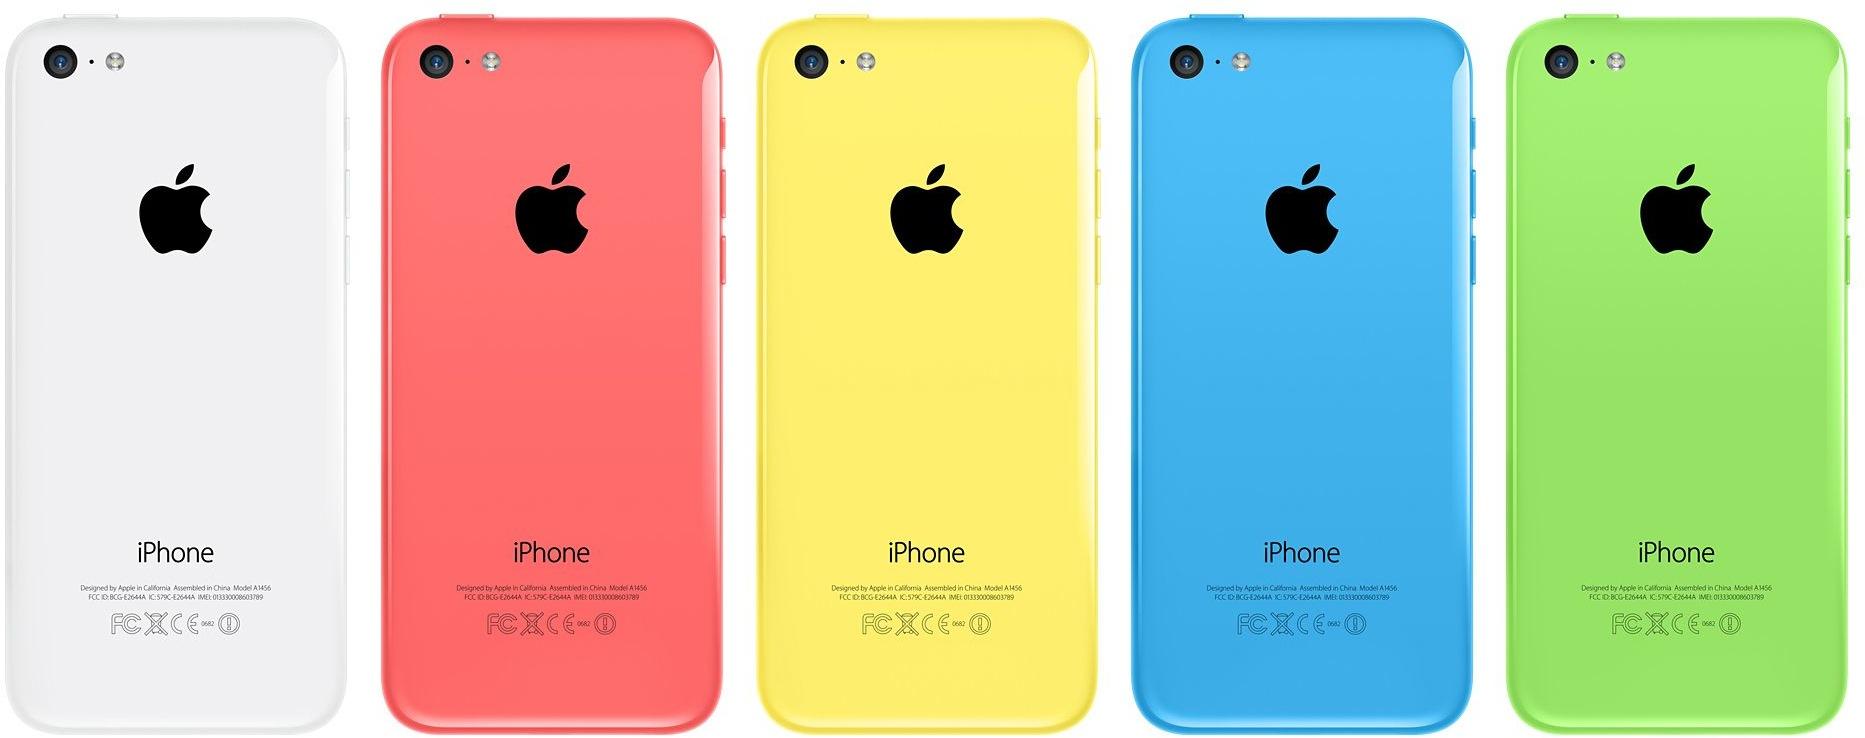 Traseira dos iPhones 5c